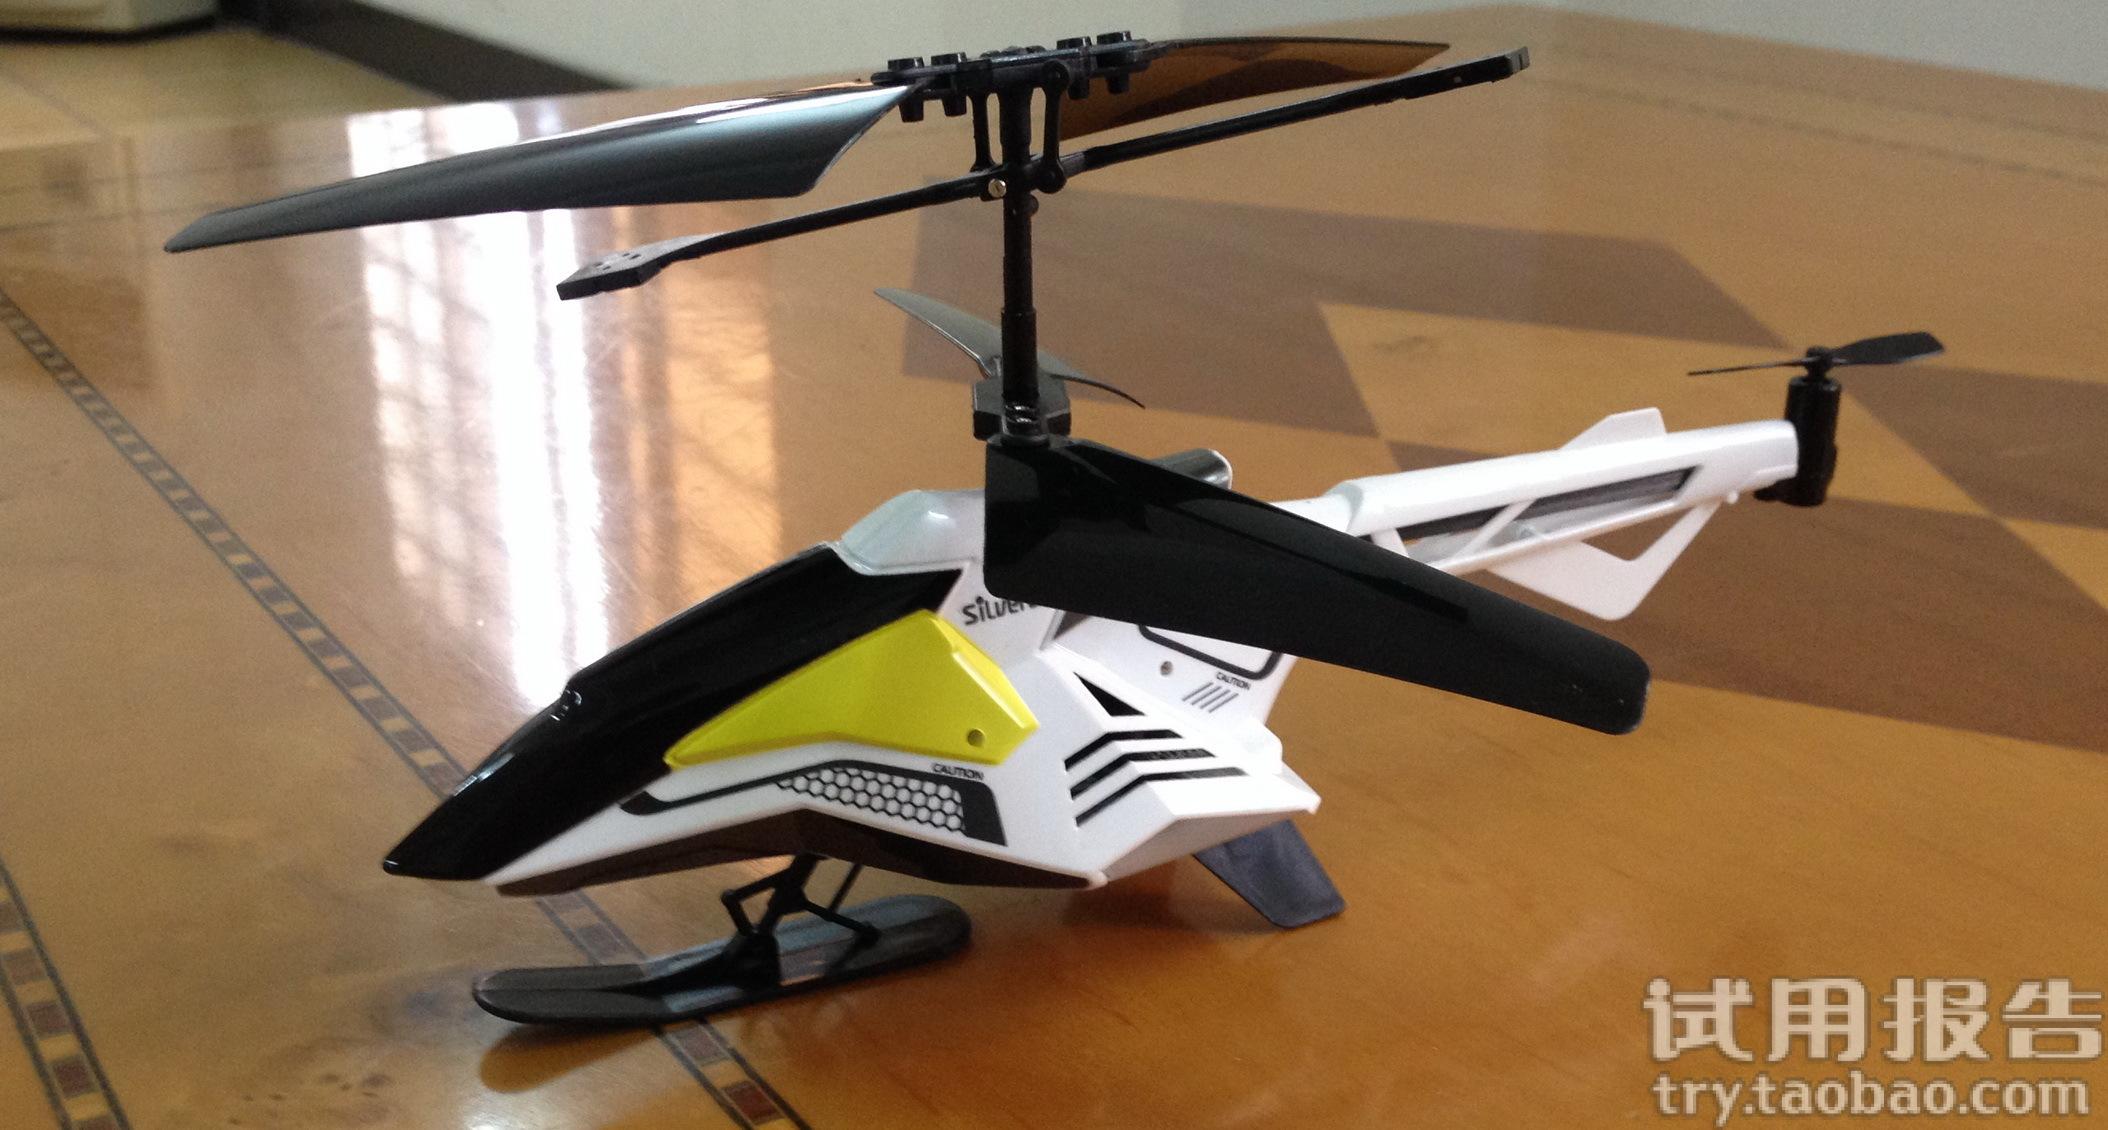 银辉遥控飞机玩具 全球知名品牌试用报告-淘宝试用